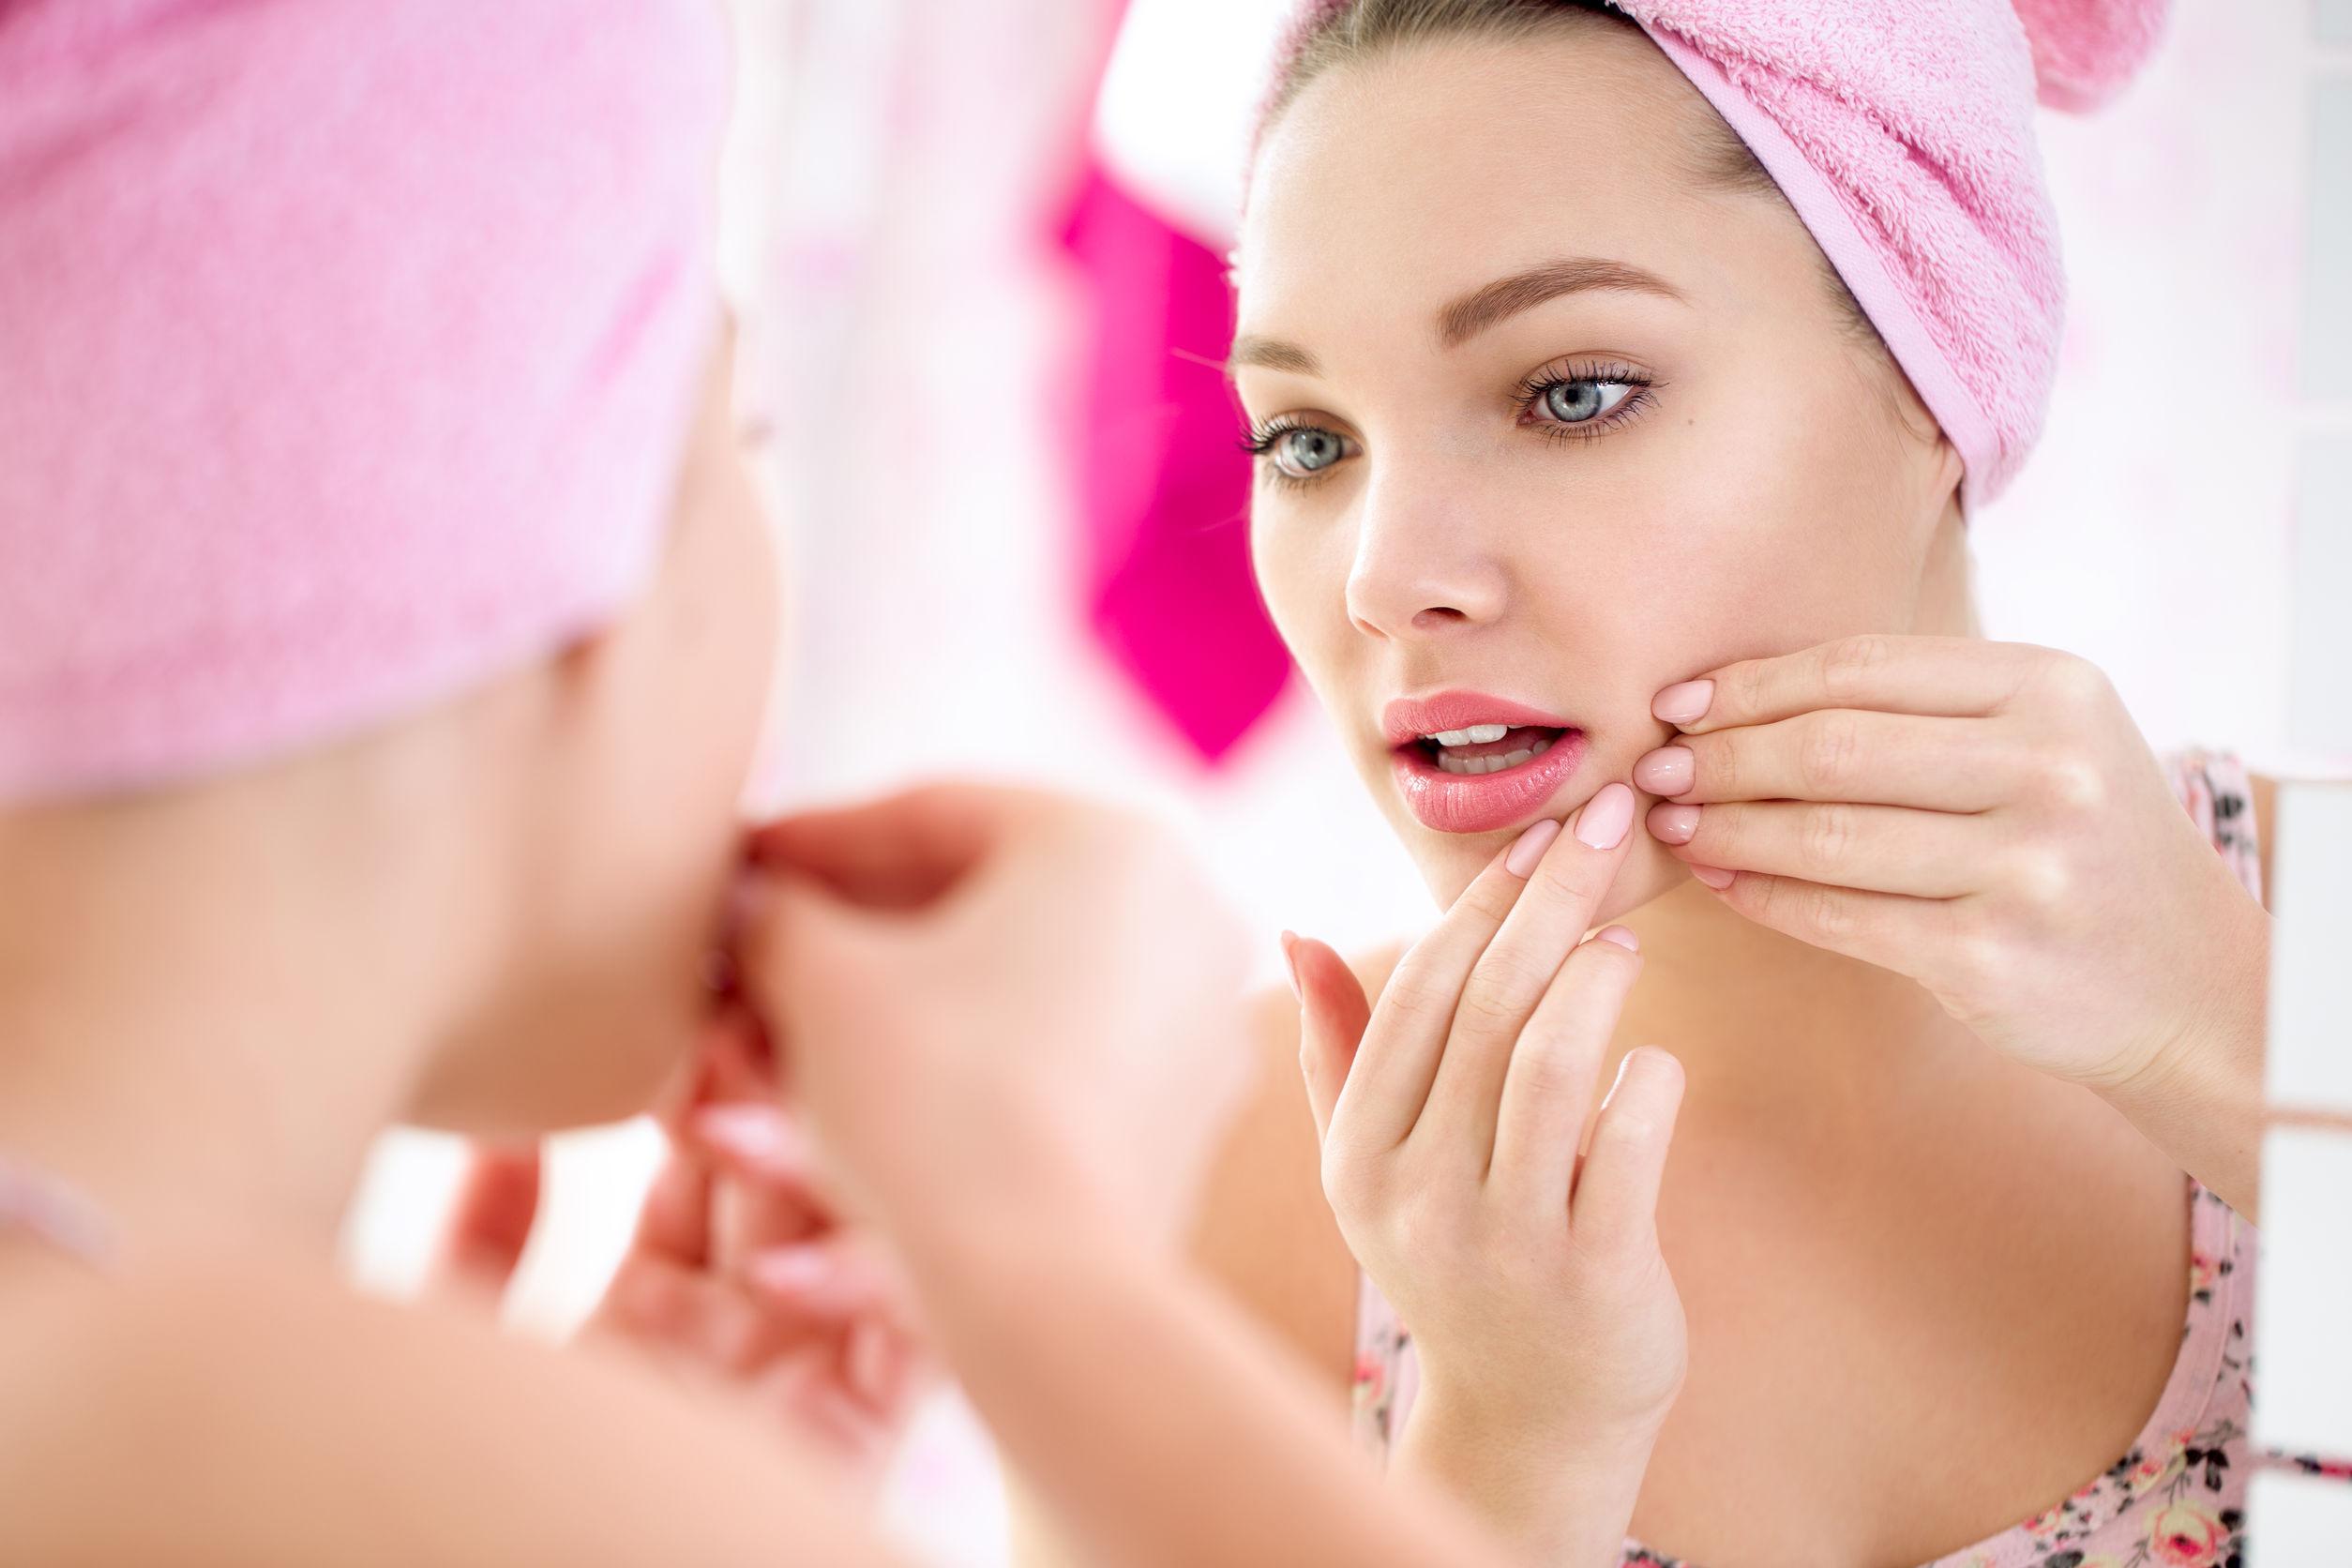 Joven adolescente busca grano en su rostro en un espejo